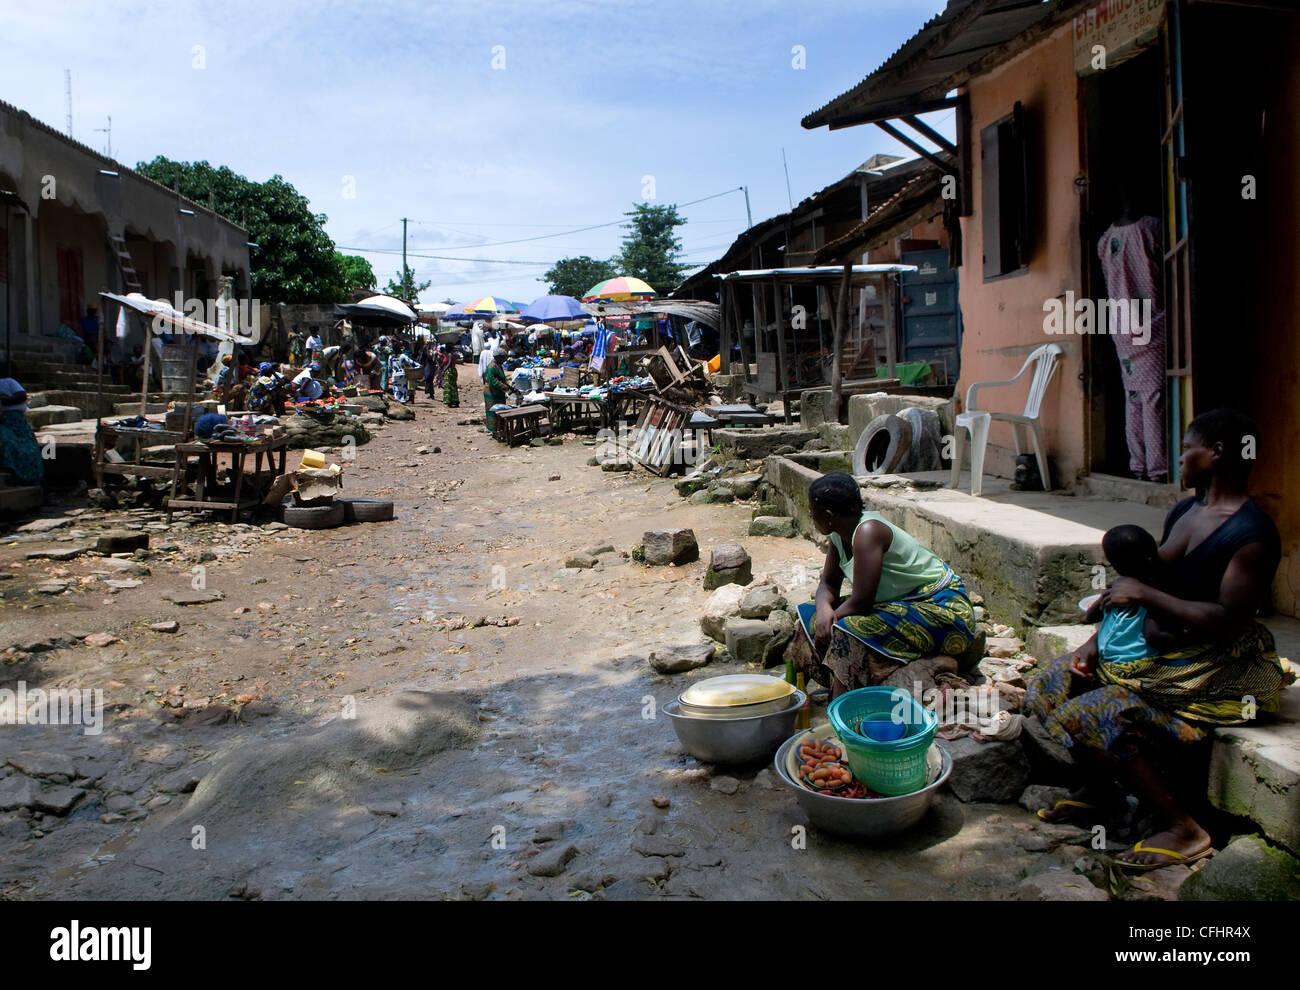 Market scenes in Kara, Togo. Stock Photo